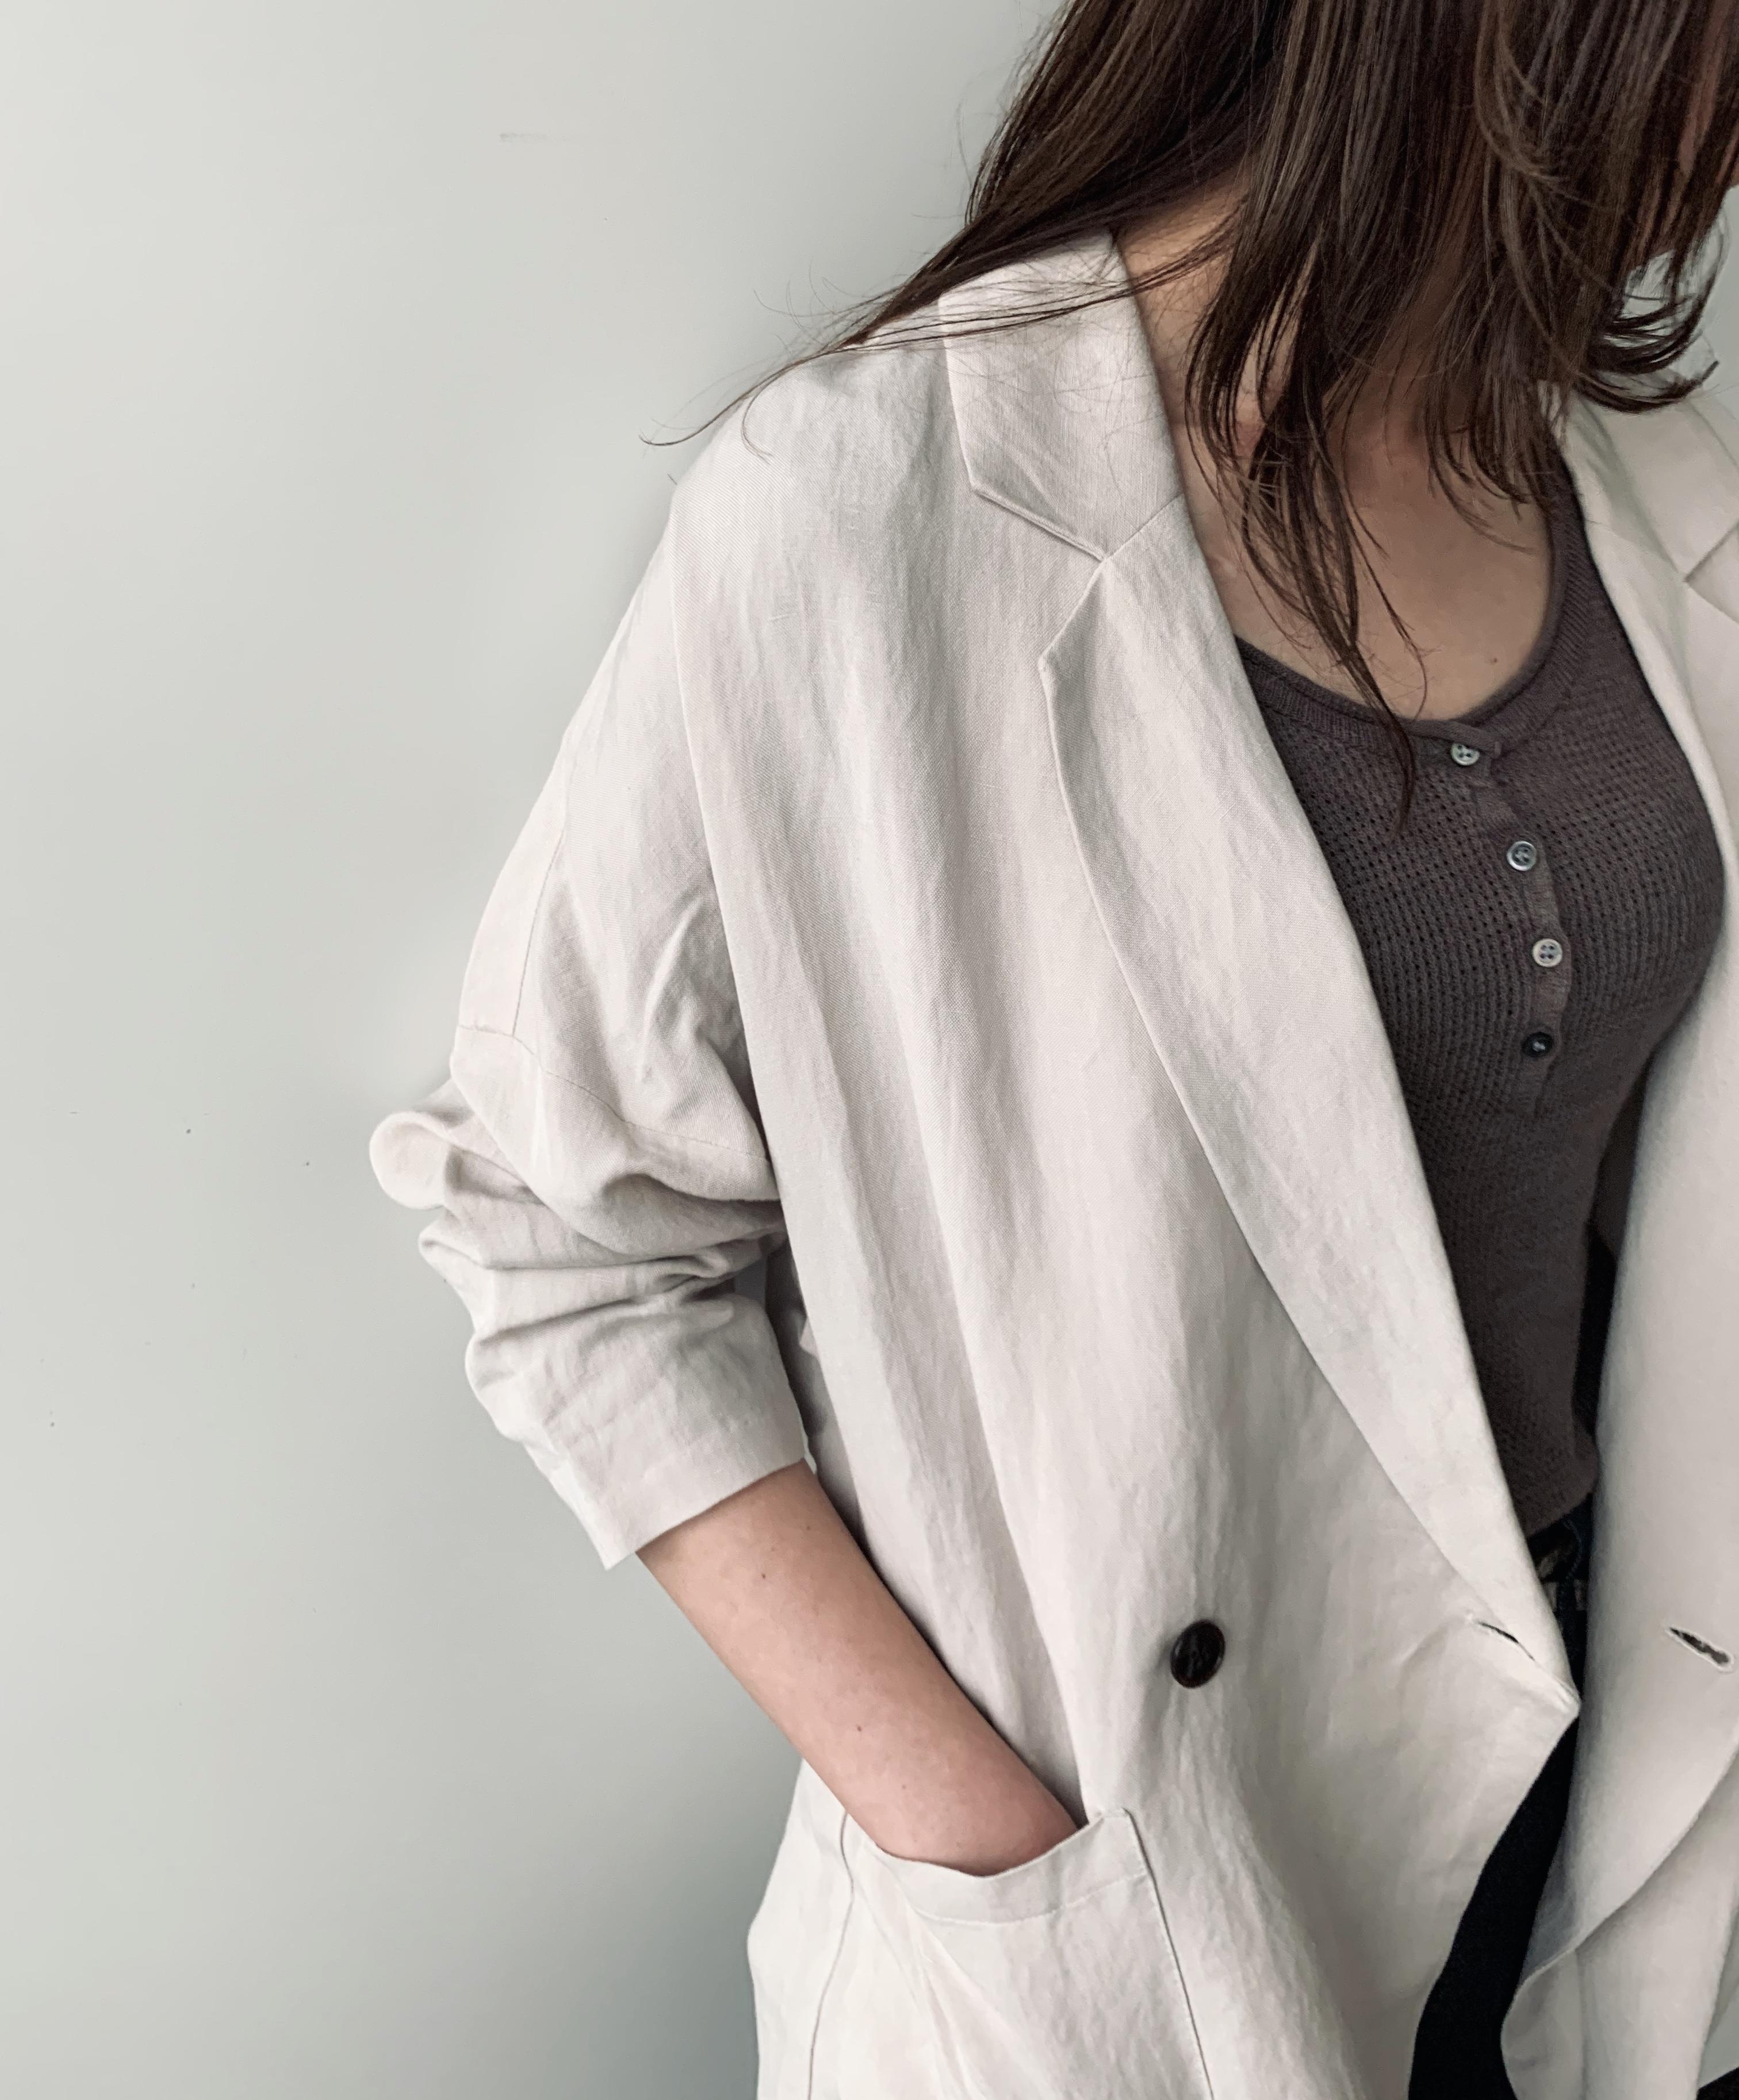 scrap book スクラップブック la sric ラスリック 日本ブランド jacket ジャケット 日本ブランド リネン素材